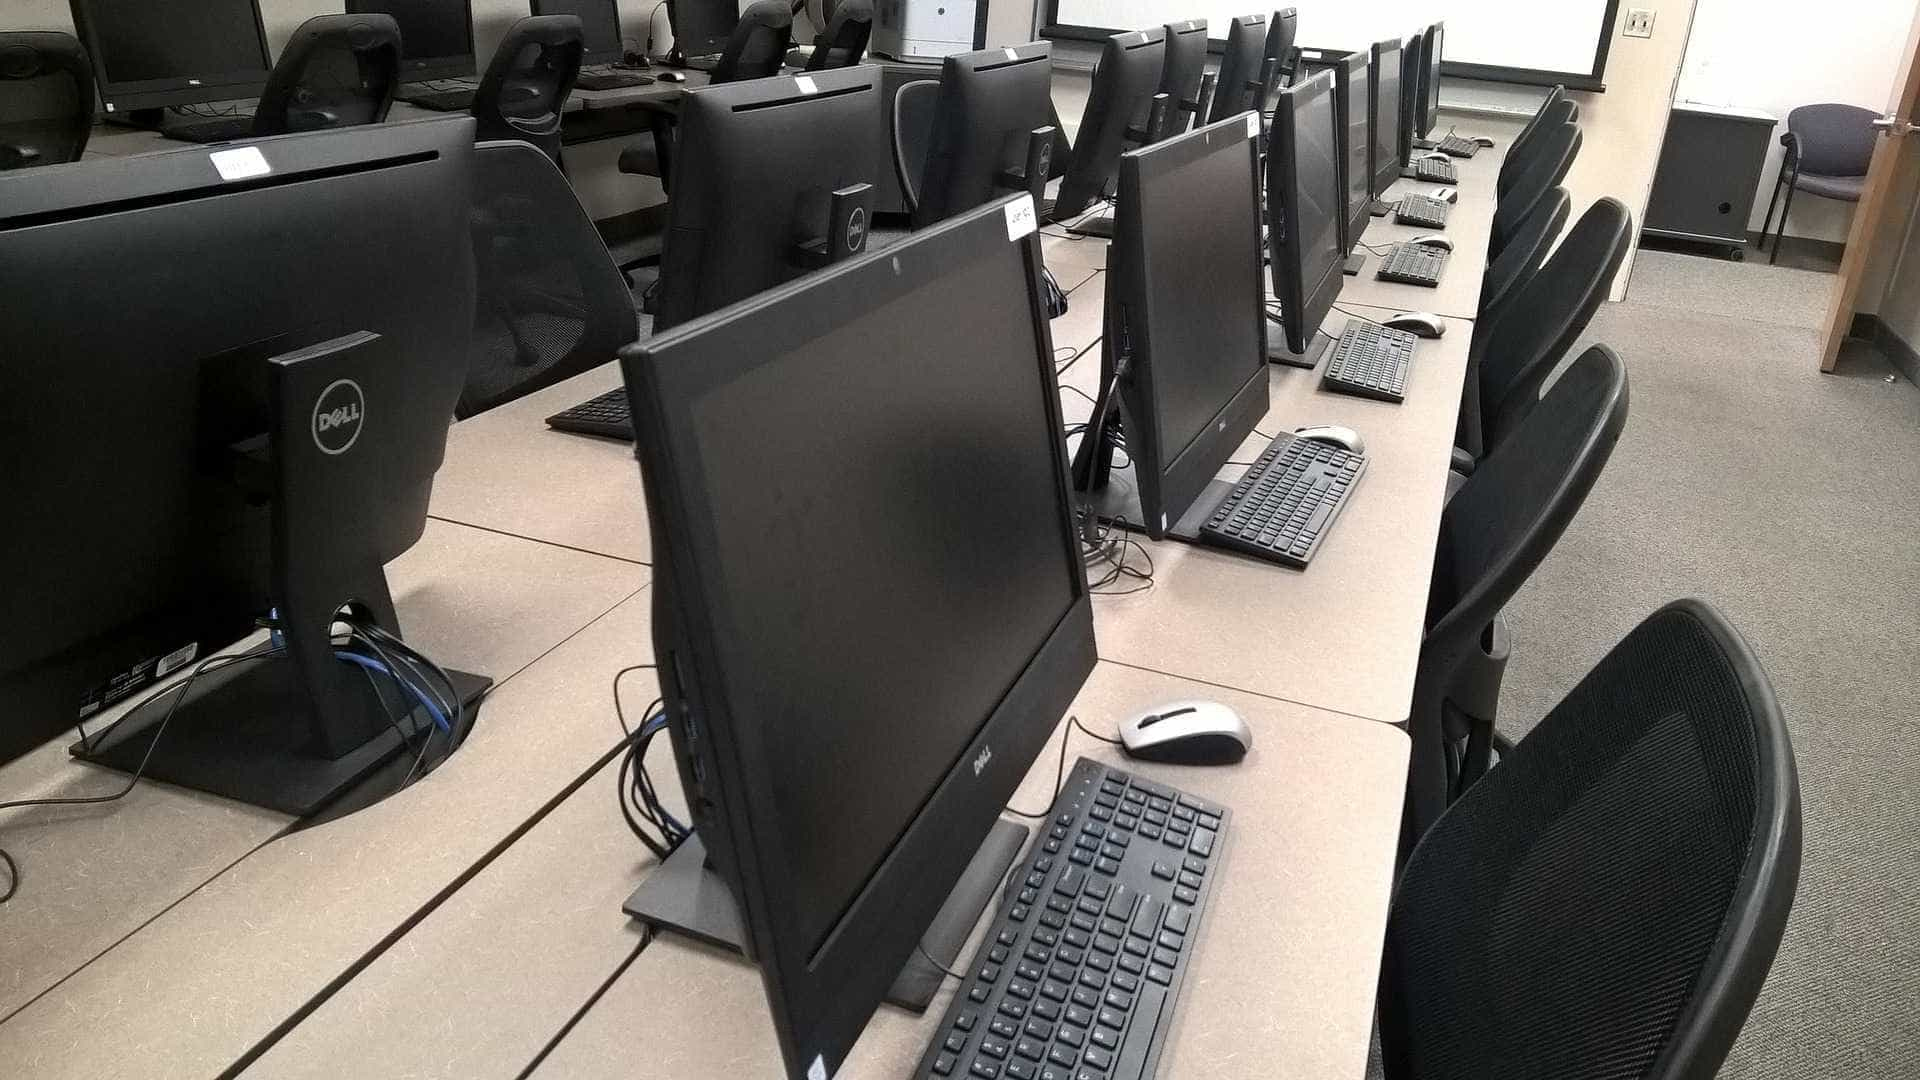 Vendas de computador aumentam pela primeira vez em seis anos